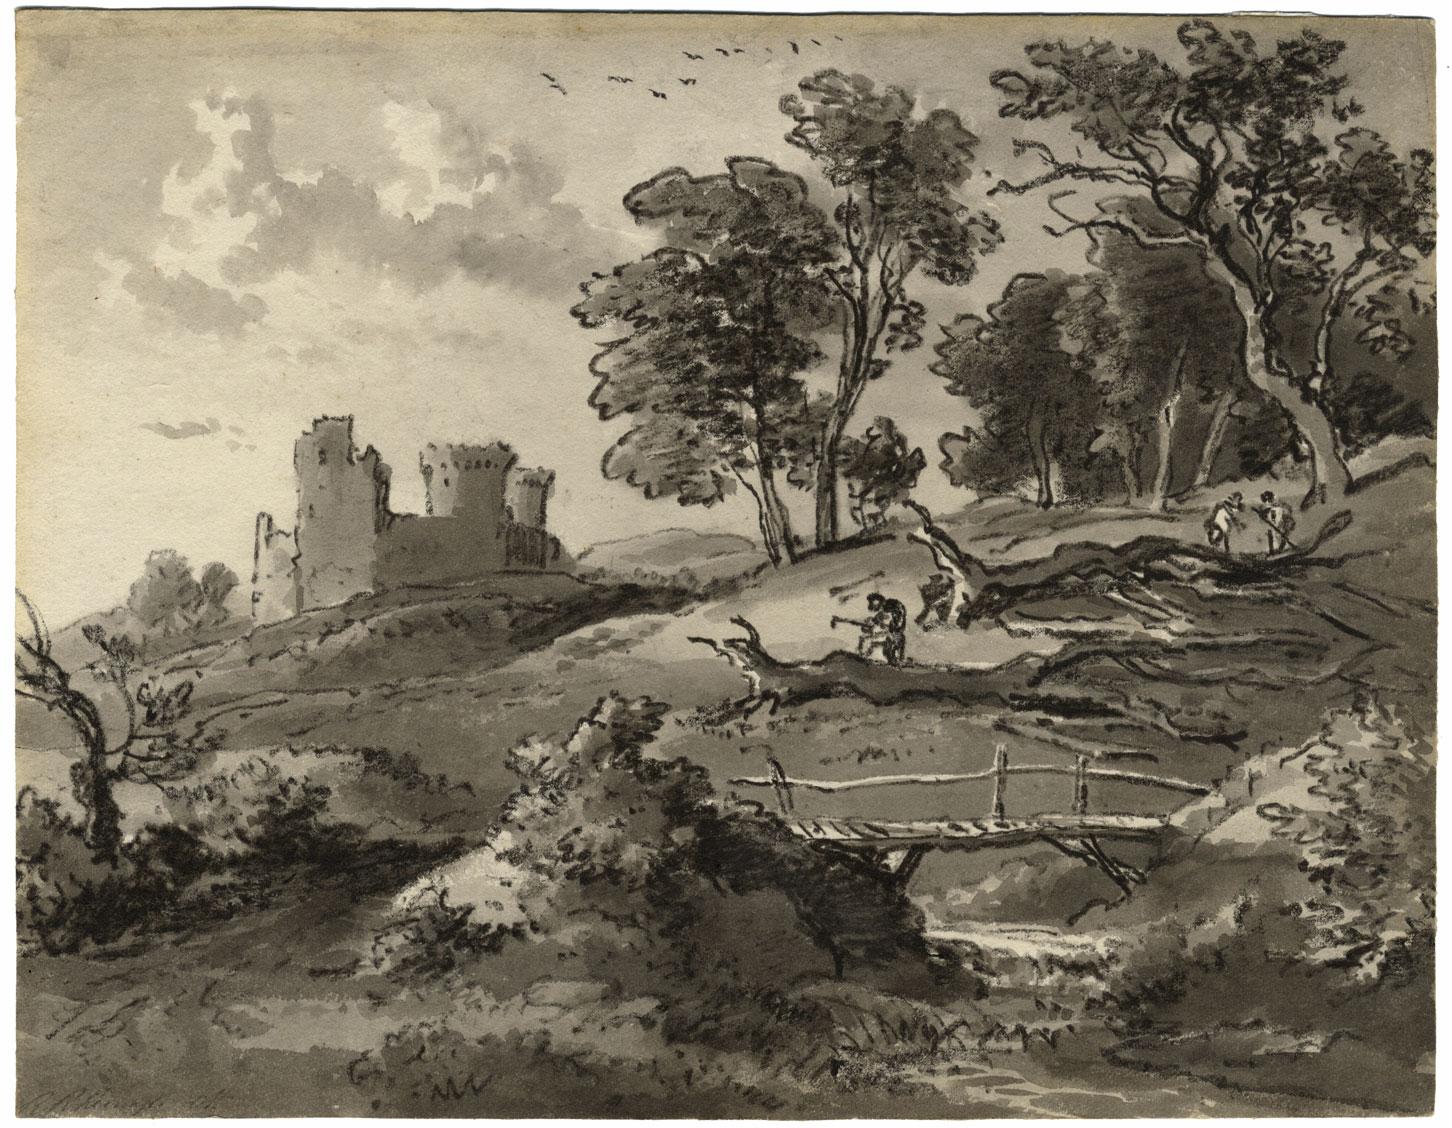 Maison En Ruine Dessin détails sur ramsay richard reinagle ra, paysage avec château en ruine -  dessin à la craie